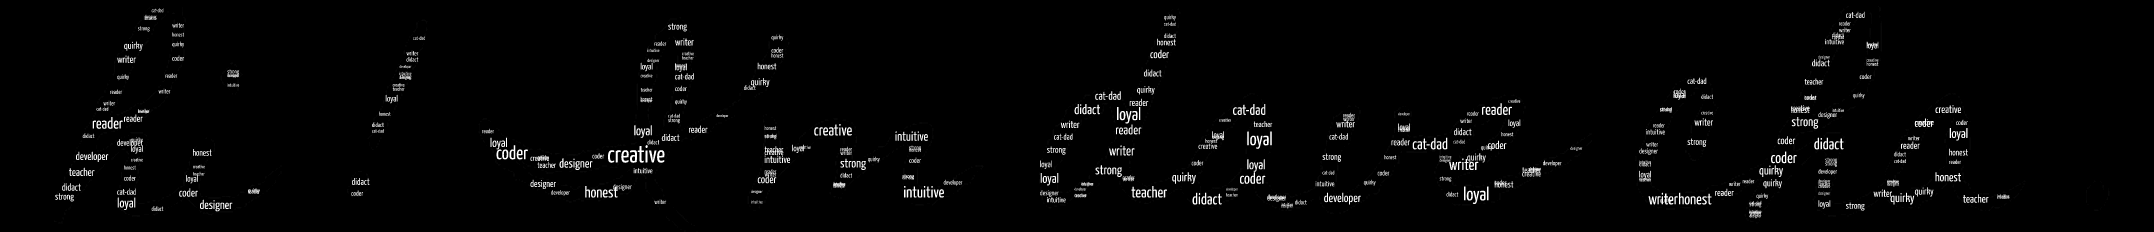 wordcloud!